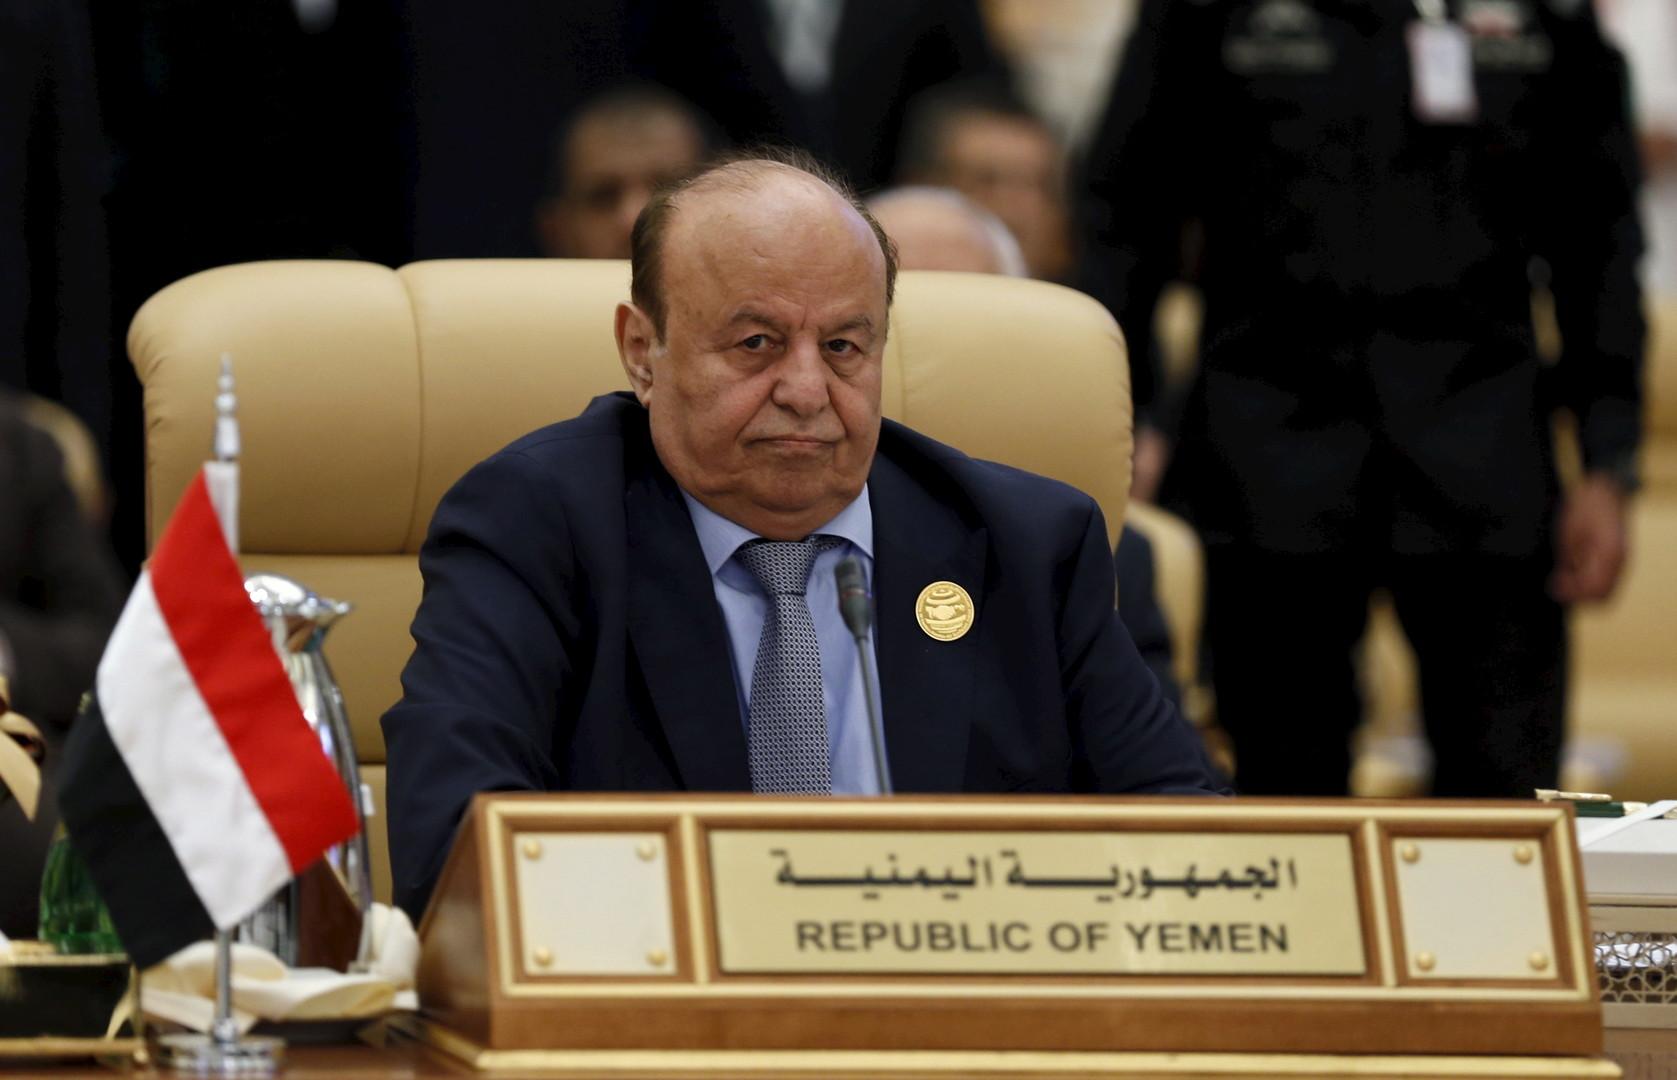 Ex-président du Yémen : l'Arabie saoudite se comporte comme le patron du Moyen-Orient